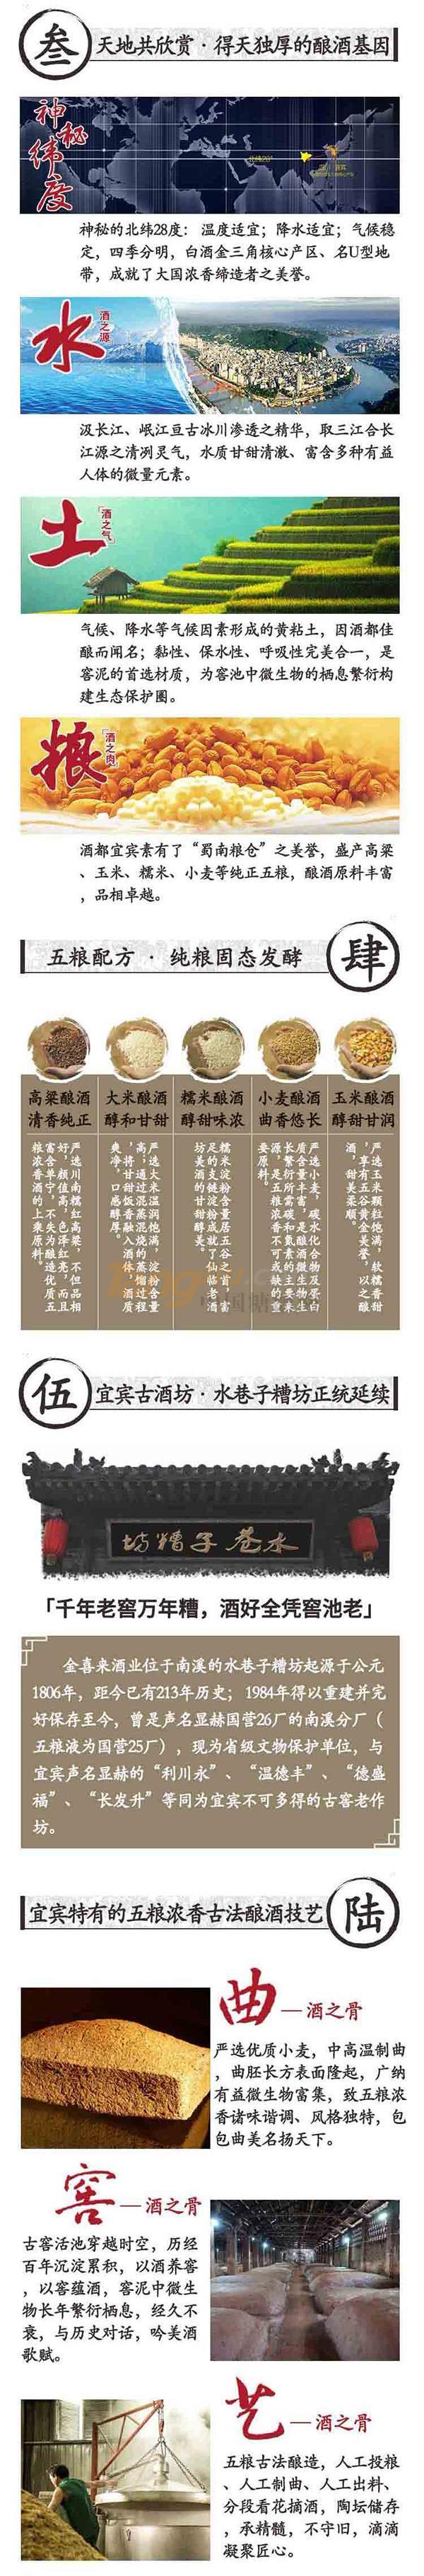 仙临老酒坊4.jpg